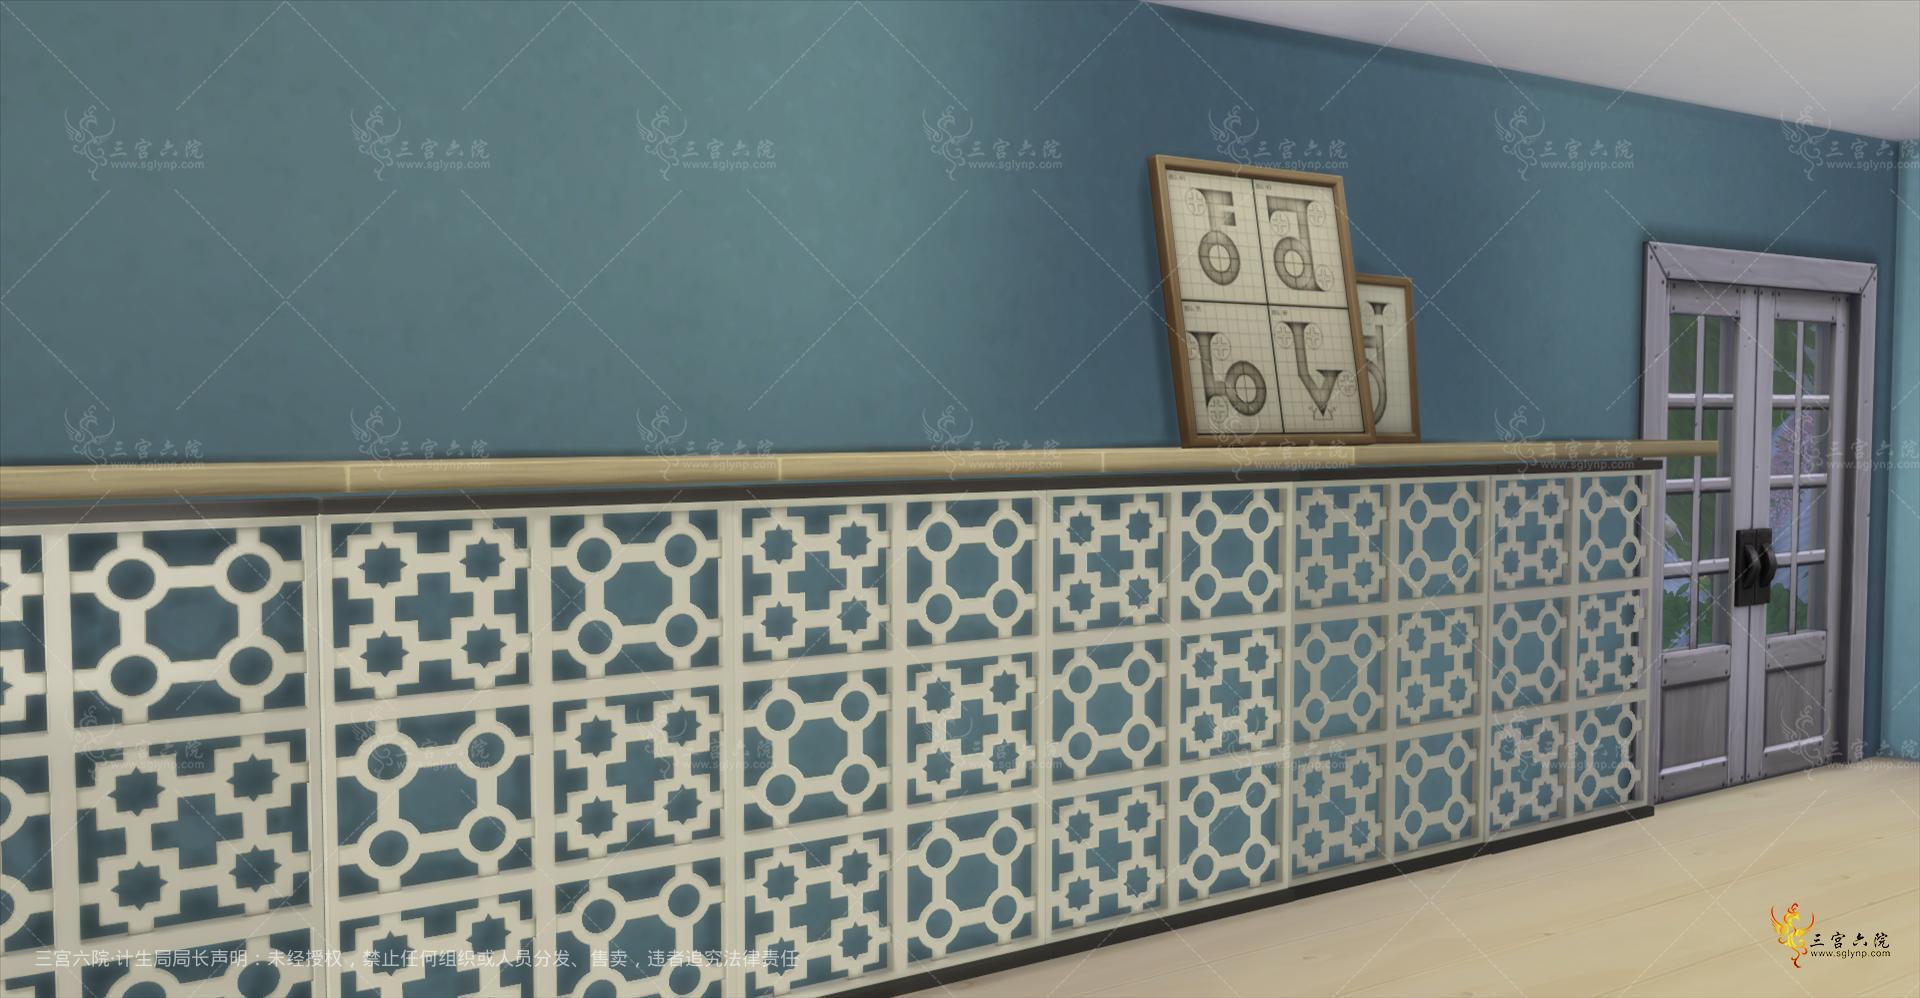 Sims 4 Screenshot 2021.08.19 - 11.18.55.94.png